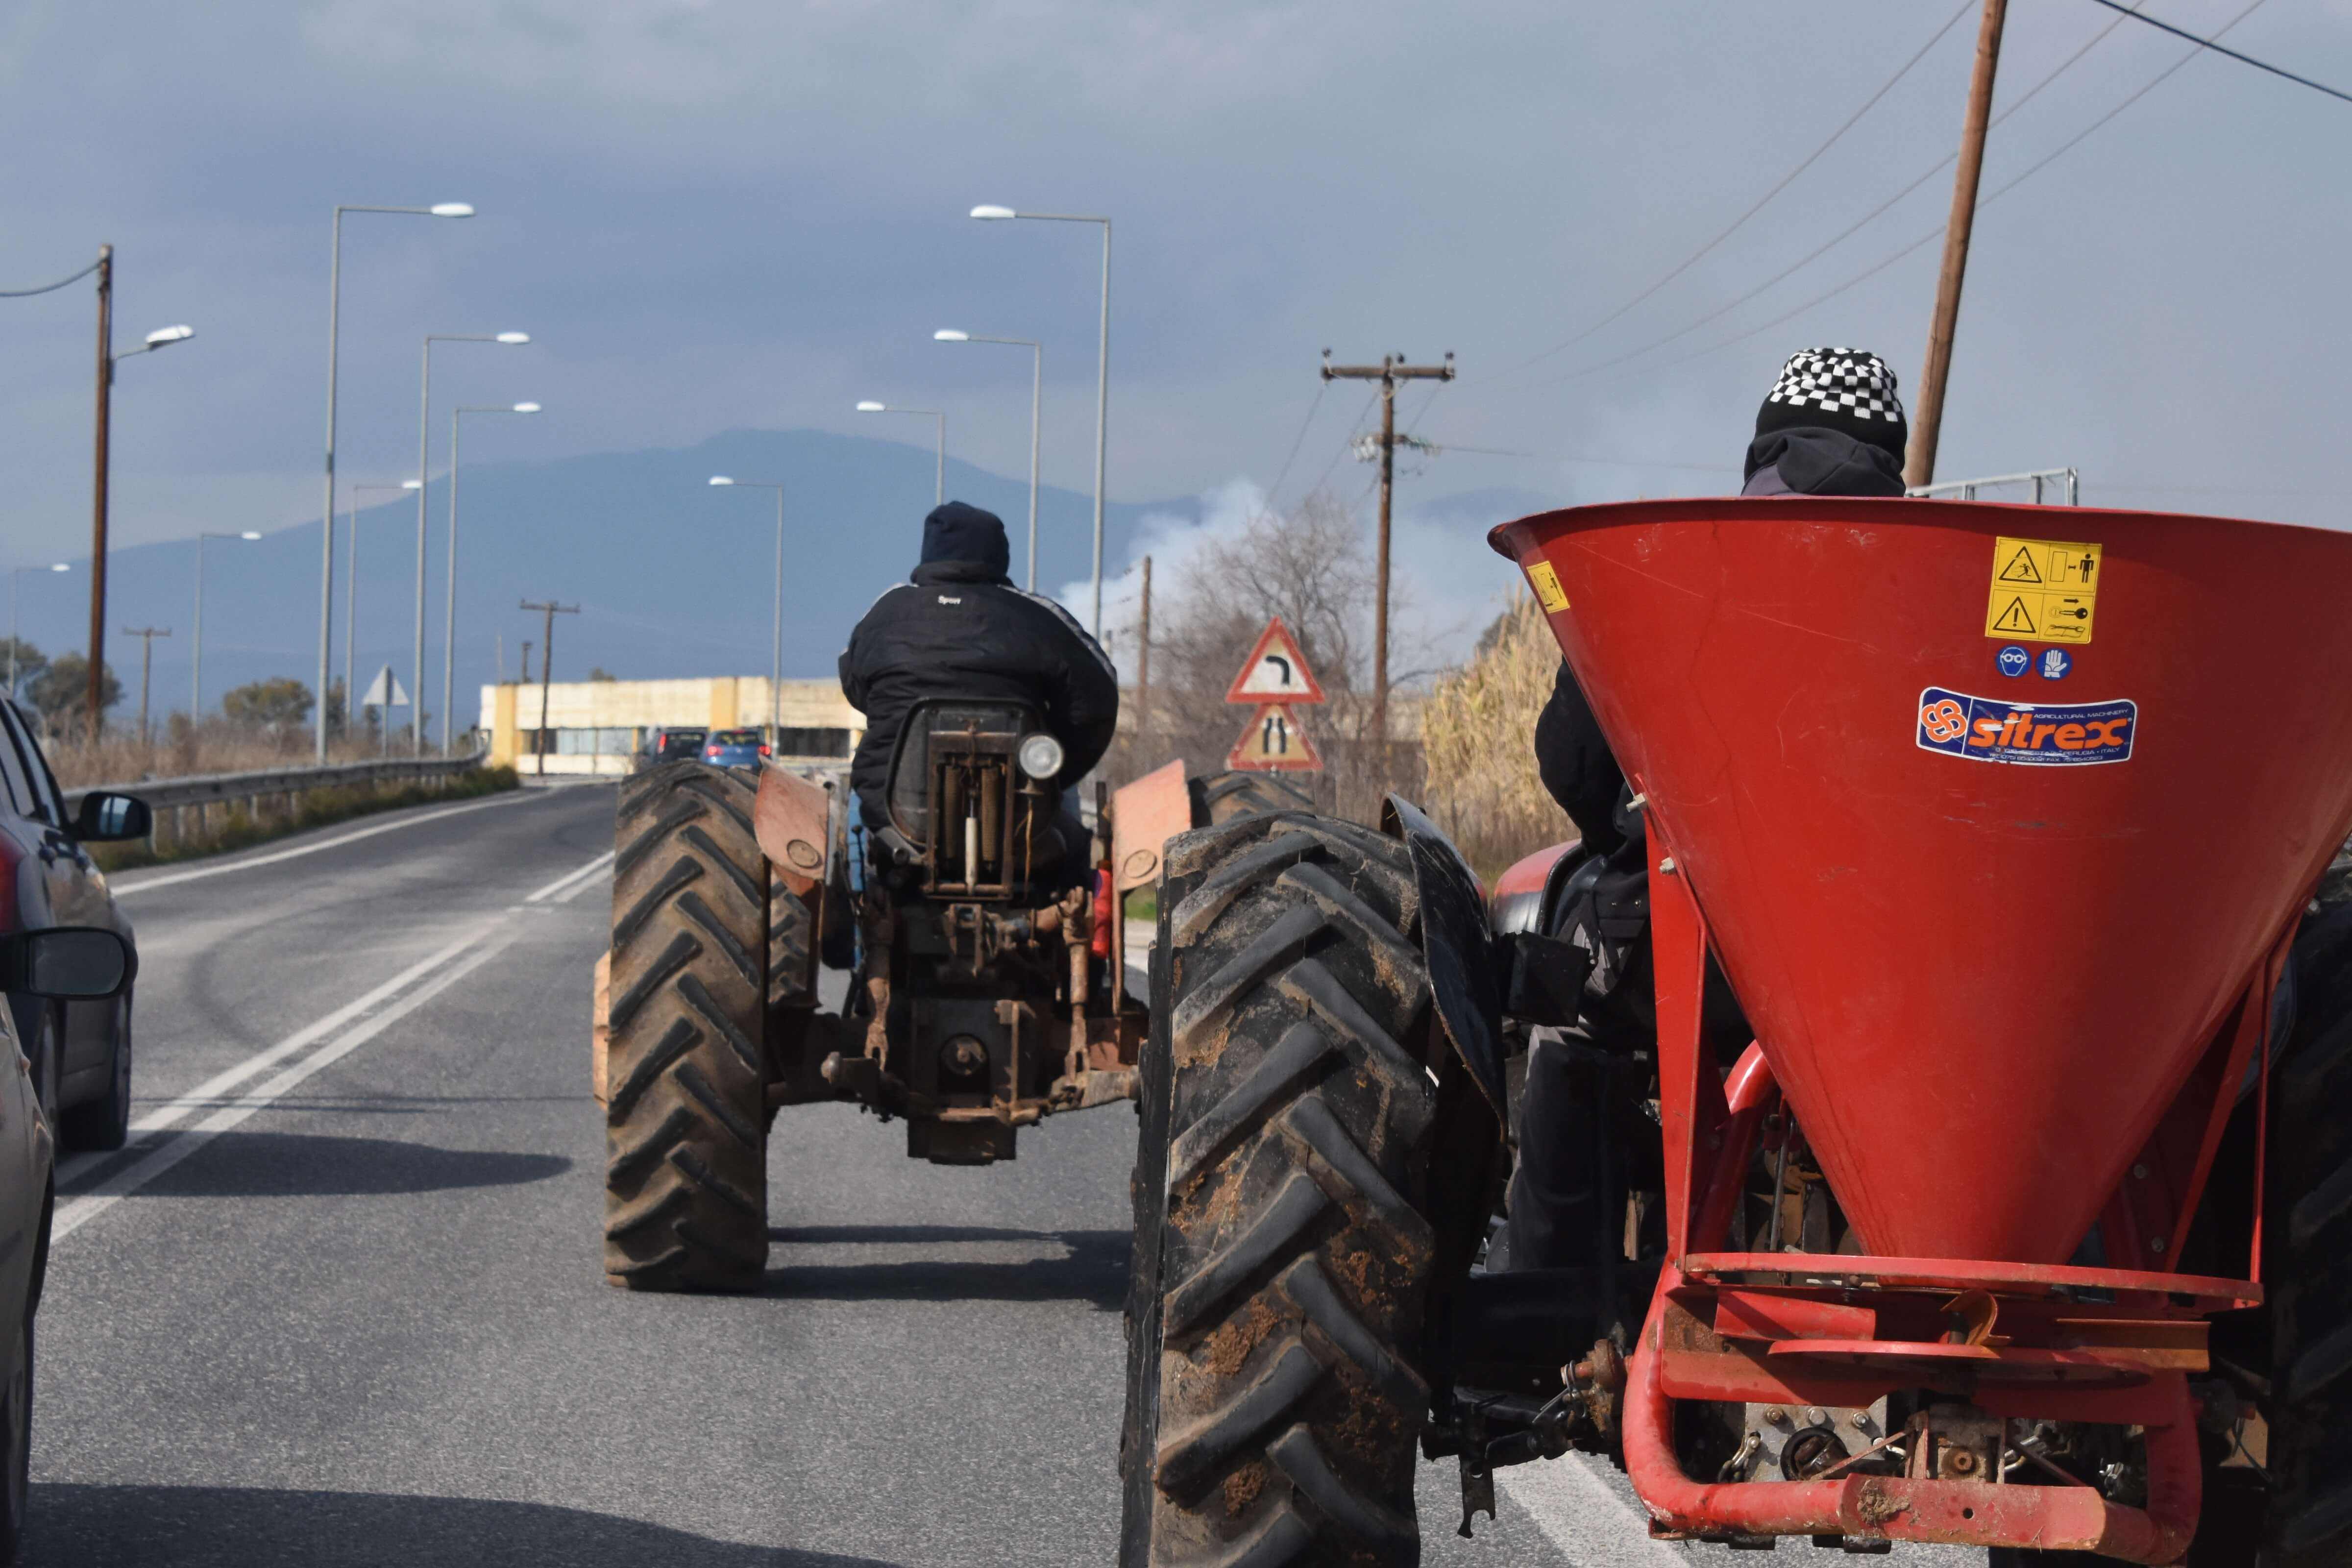 Λάρισα: Οι αγρότες απορρίπτουν τον διάλογο με την κυβέρνηση – Αποφασίζουν κλιμάκωση των κινητοποιήσεων!